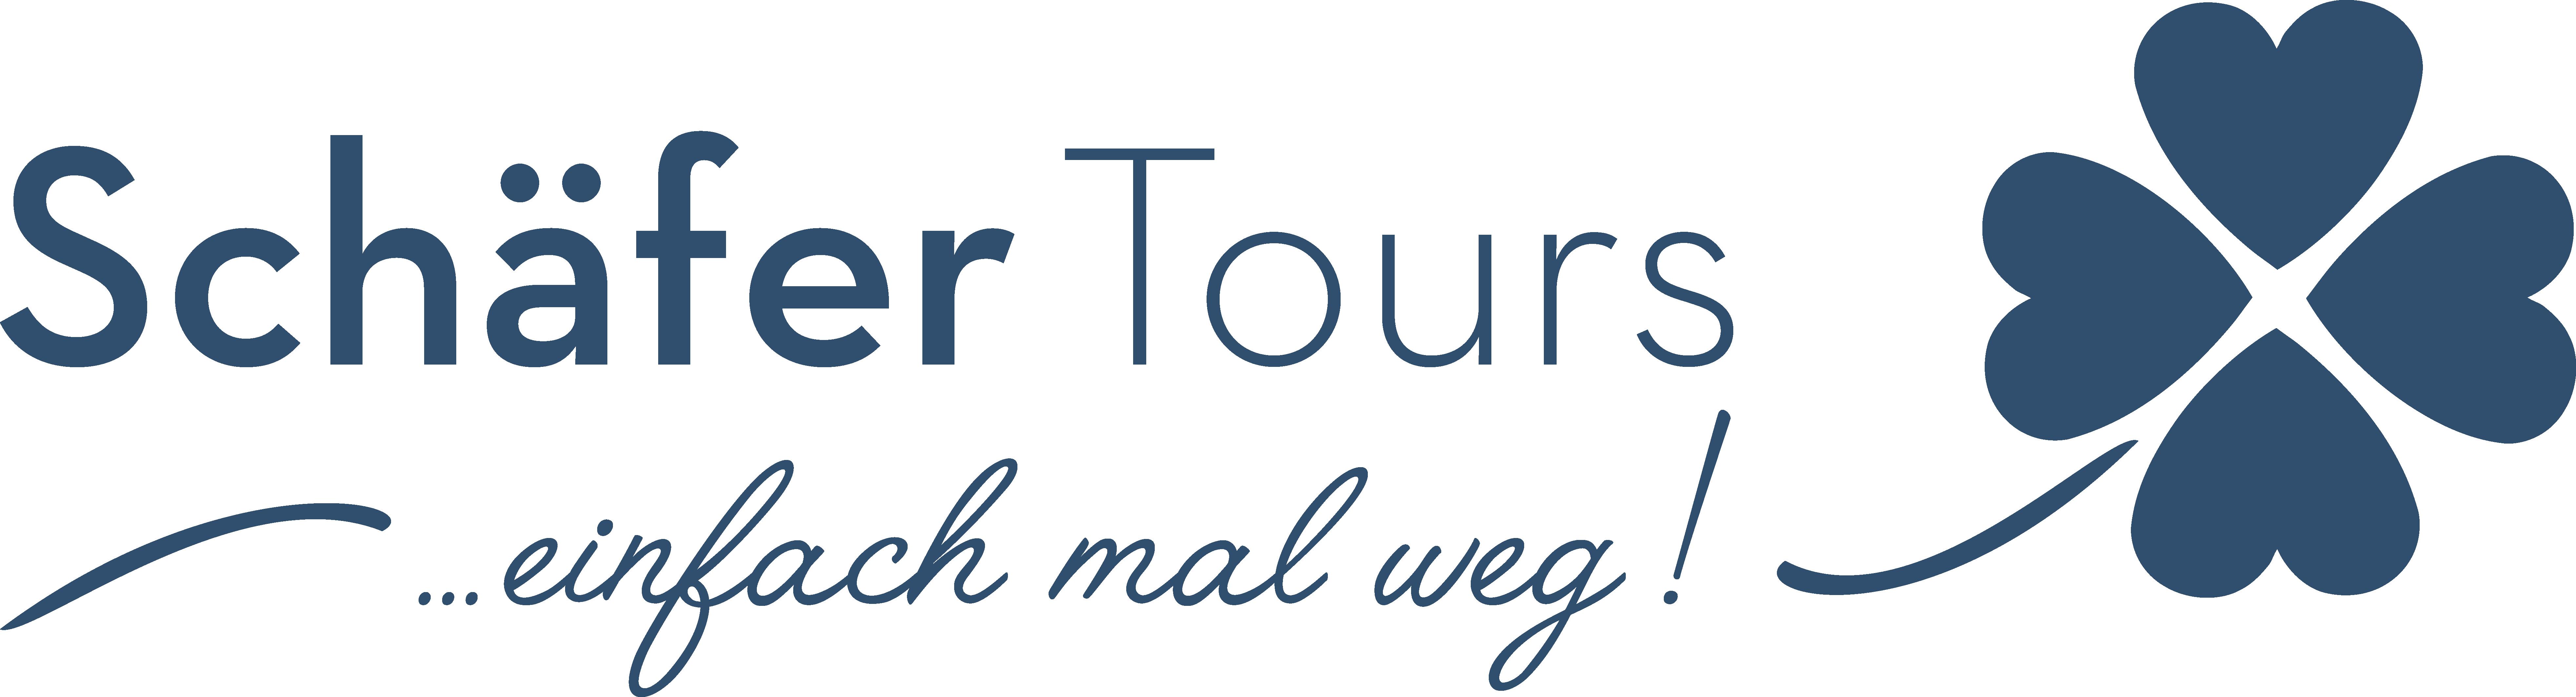 Schäfer Tours GmbH & Co. KG